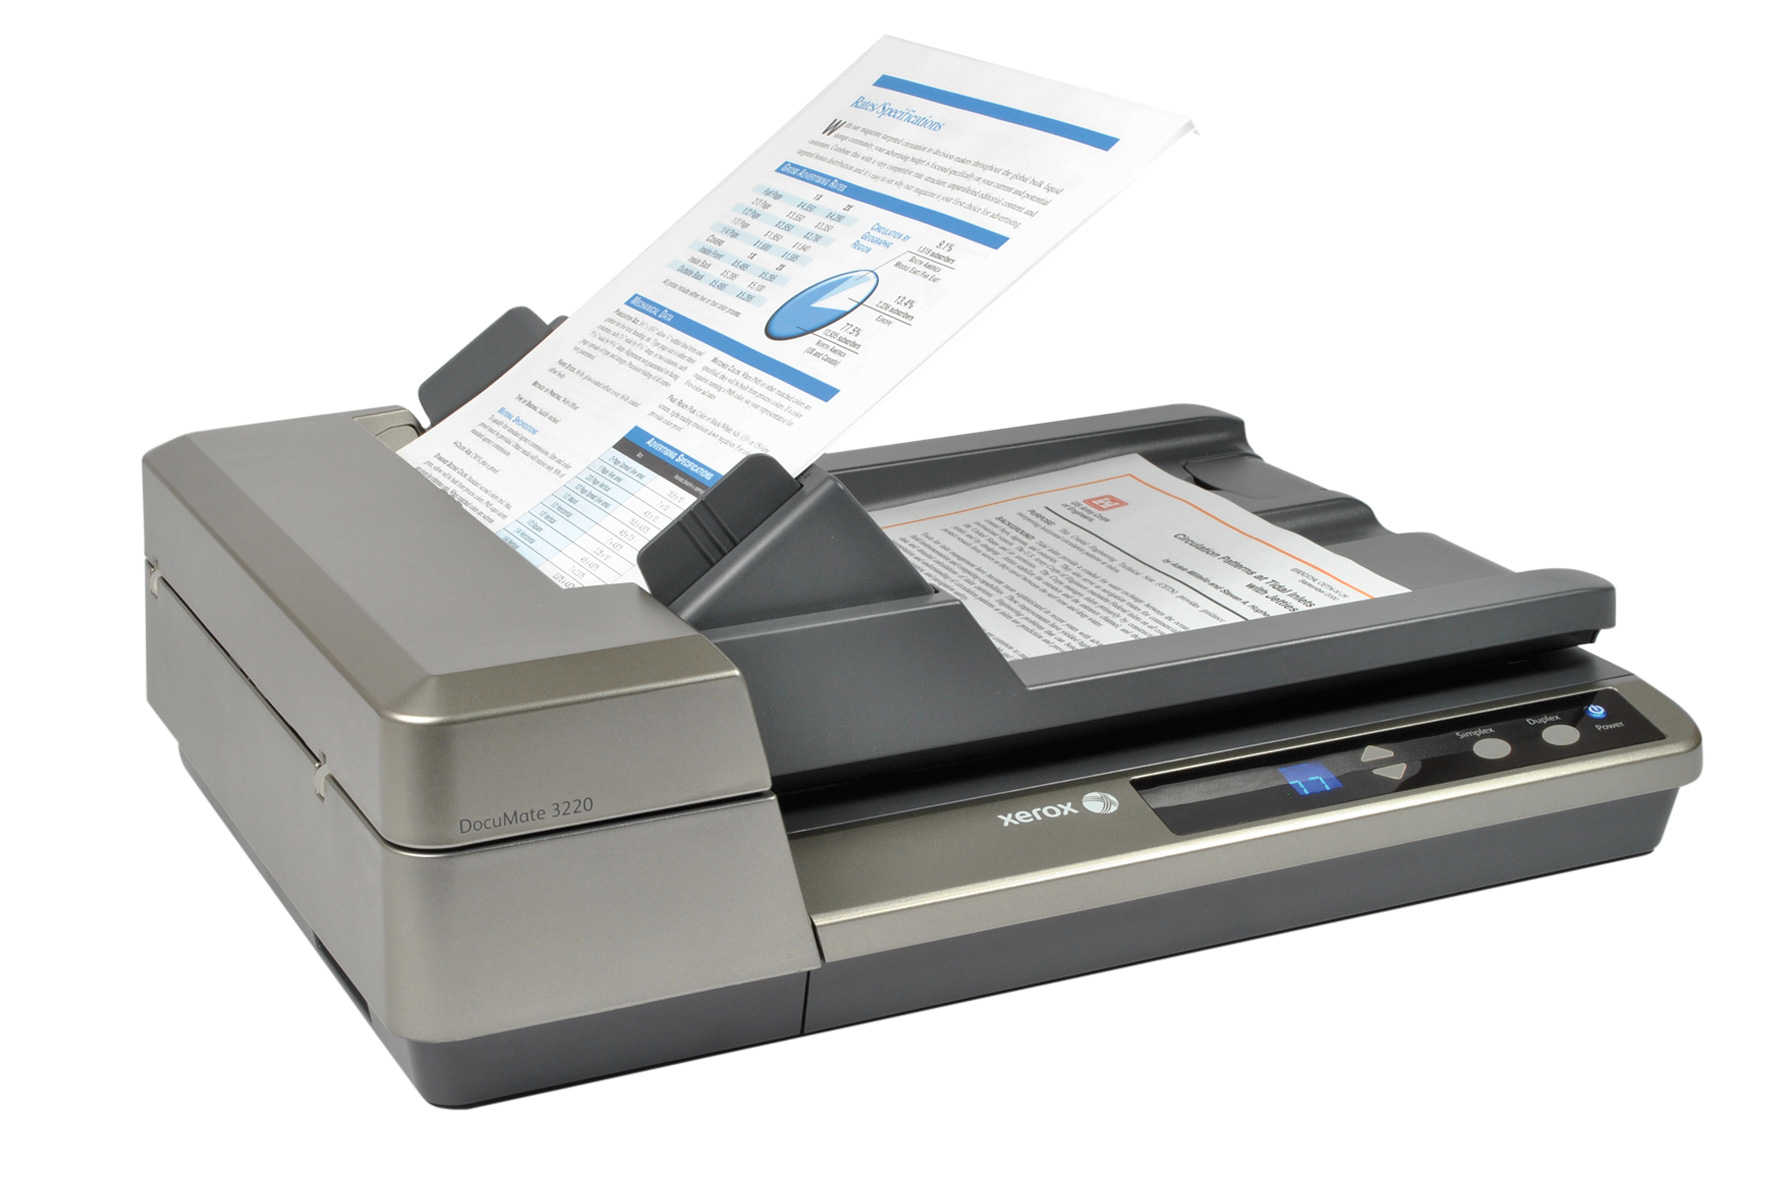 Przemysłowe skanery ułatwiają zarządzanie dokumentami